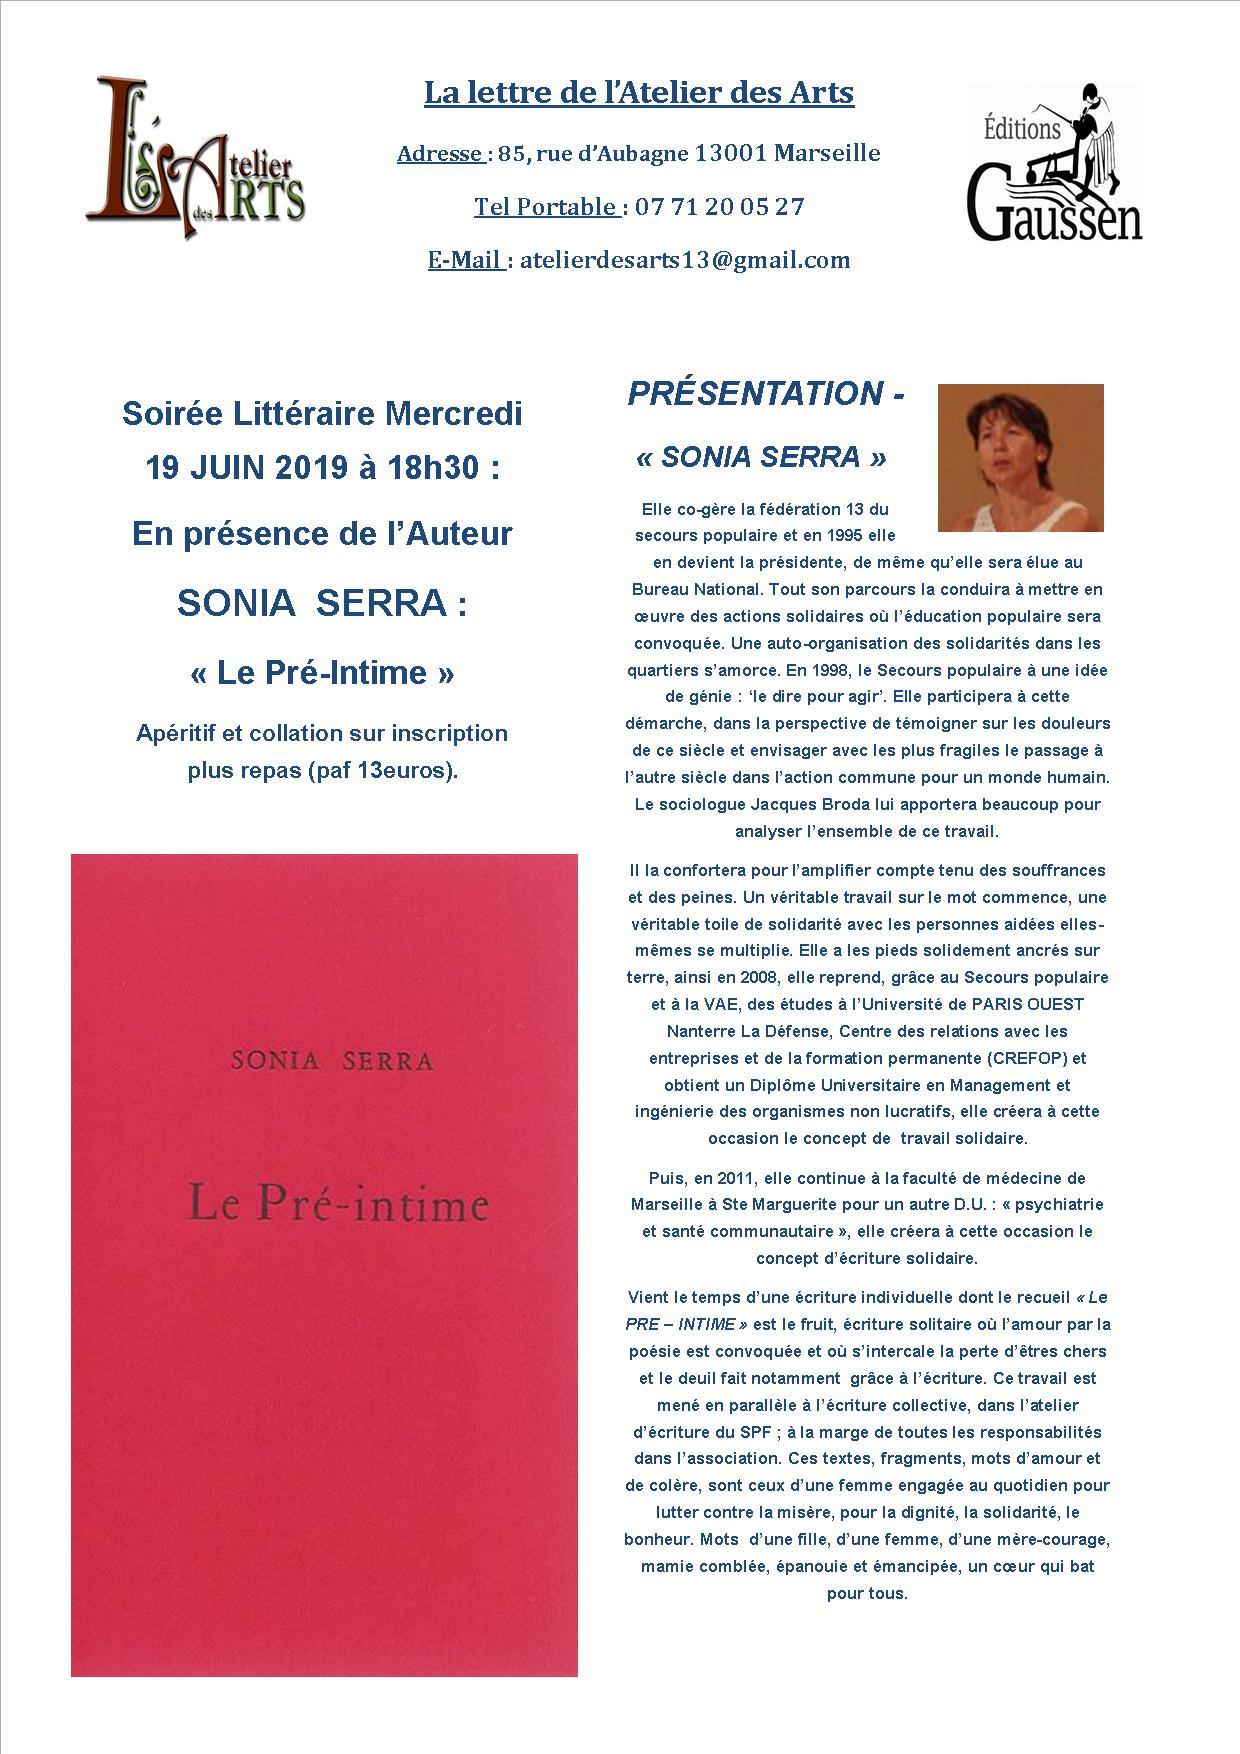 Soirée Littéraire Mercredi 19 Juin de 18h30 à 22h30 à l'Atelier des Arts avec l'auteur : SONIA SERRA